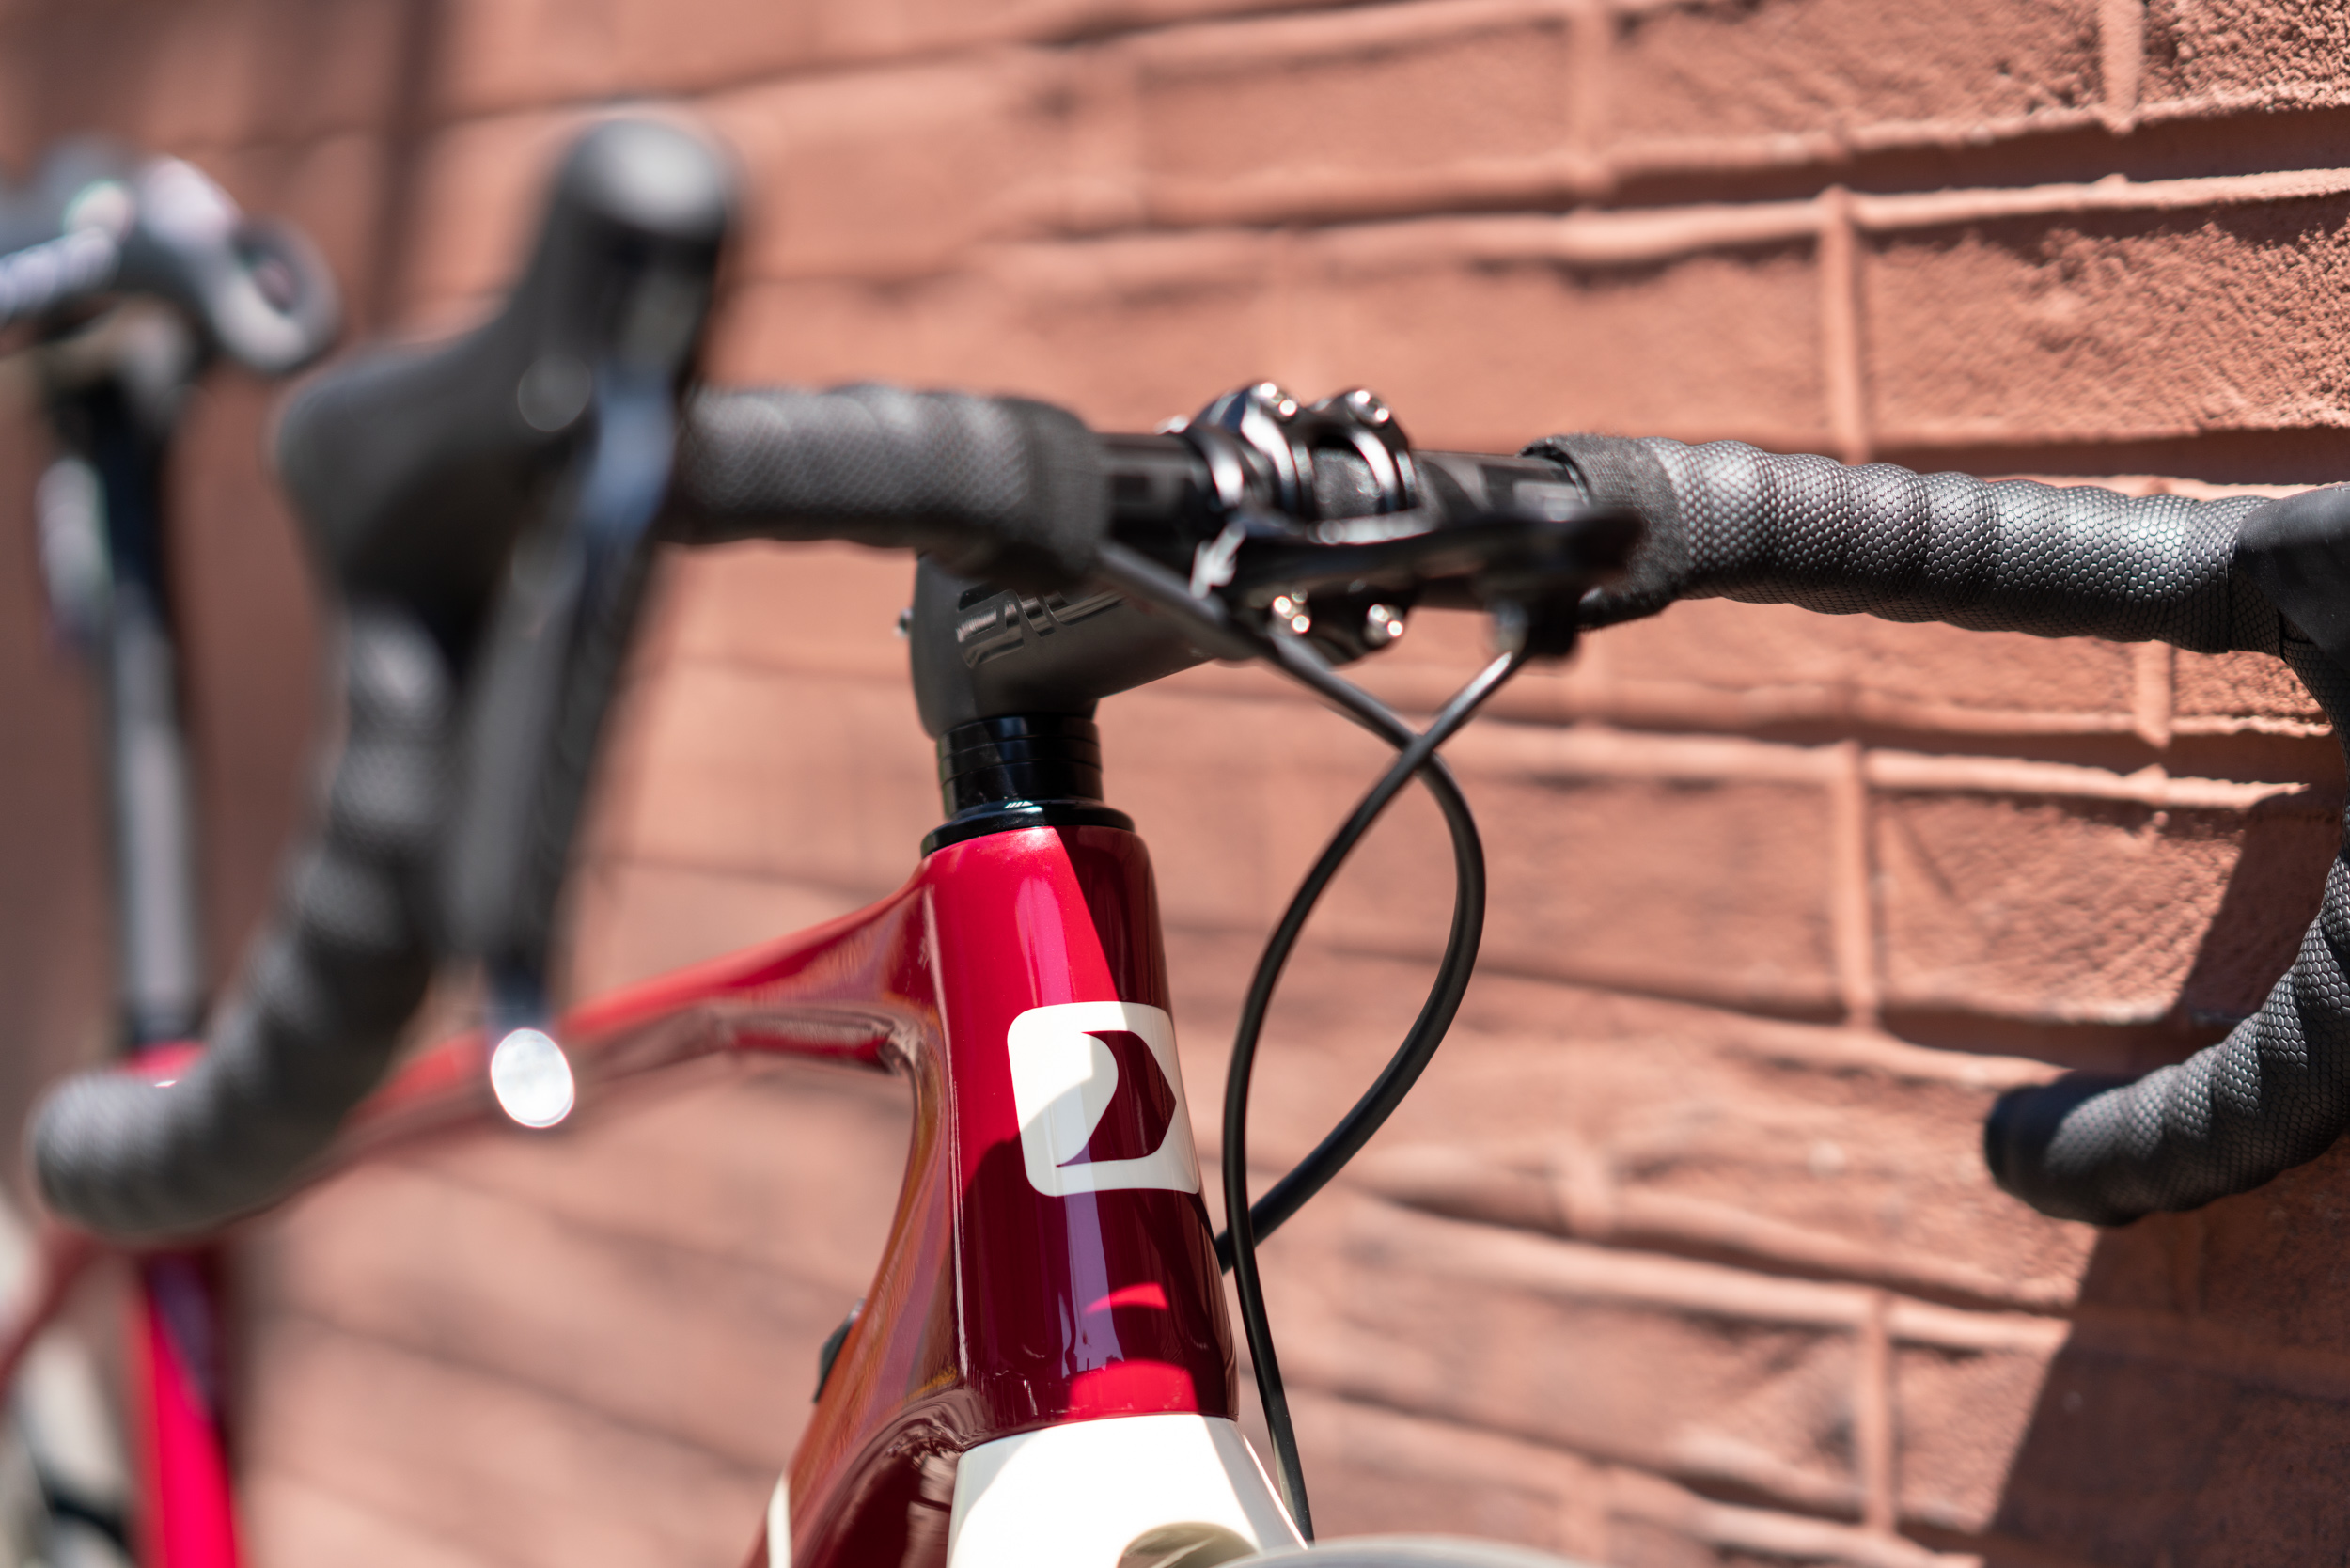 photo-rhetoric-to-be-determined-garneau-d1-blood-bike-1014.jpg